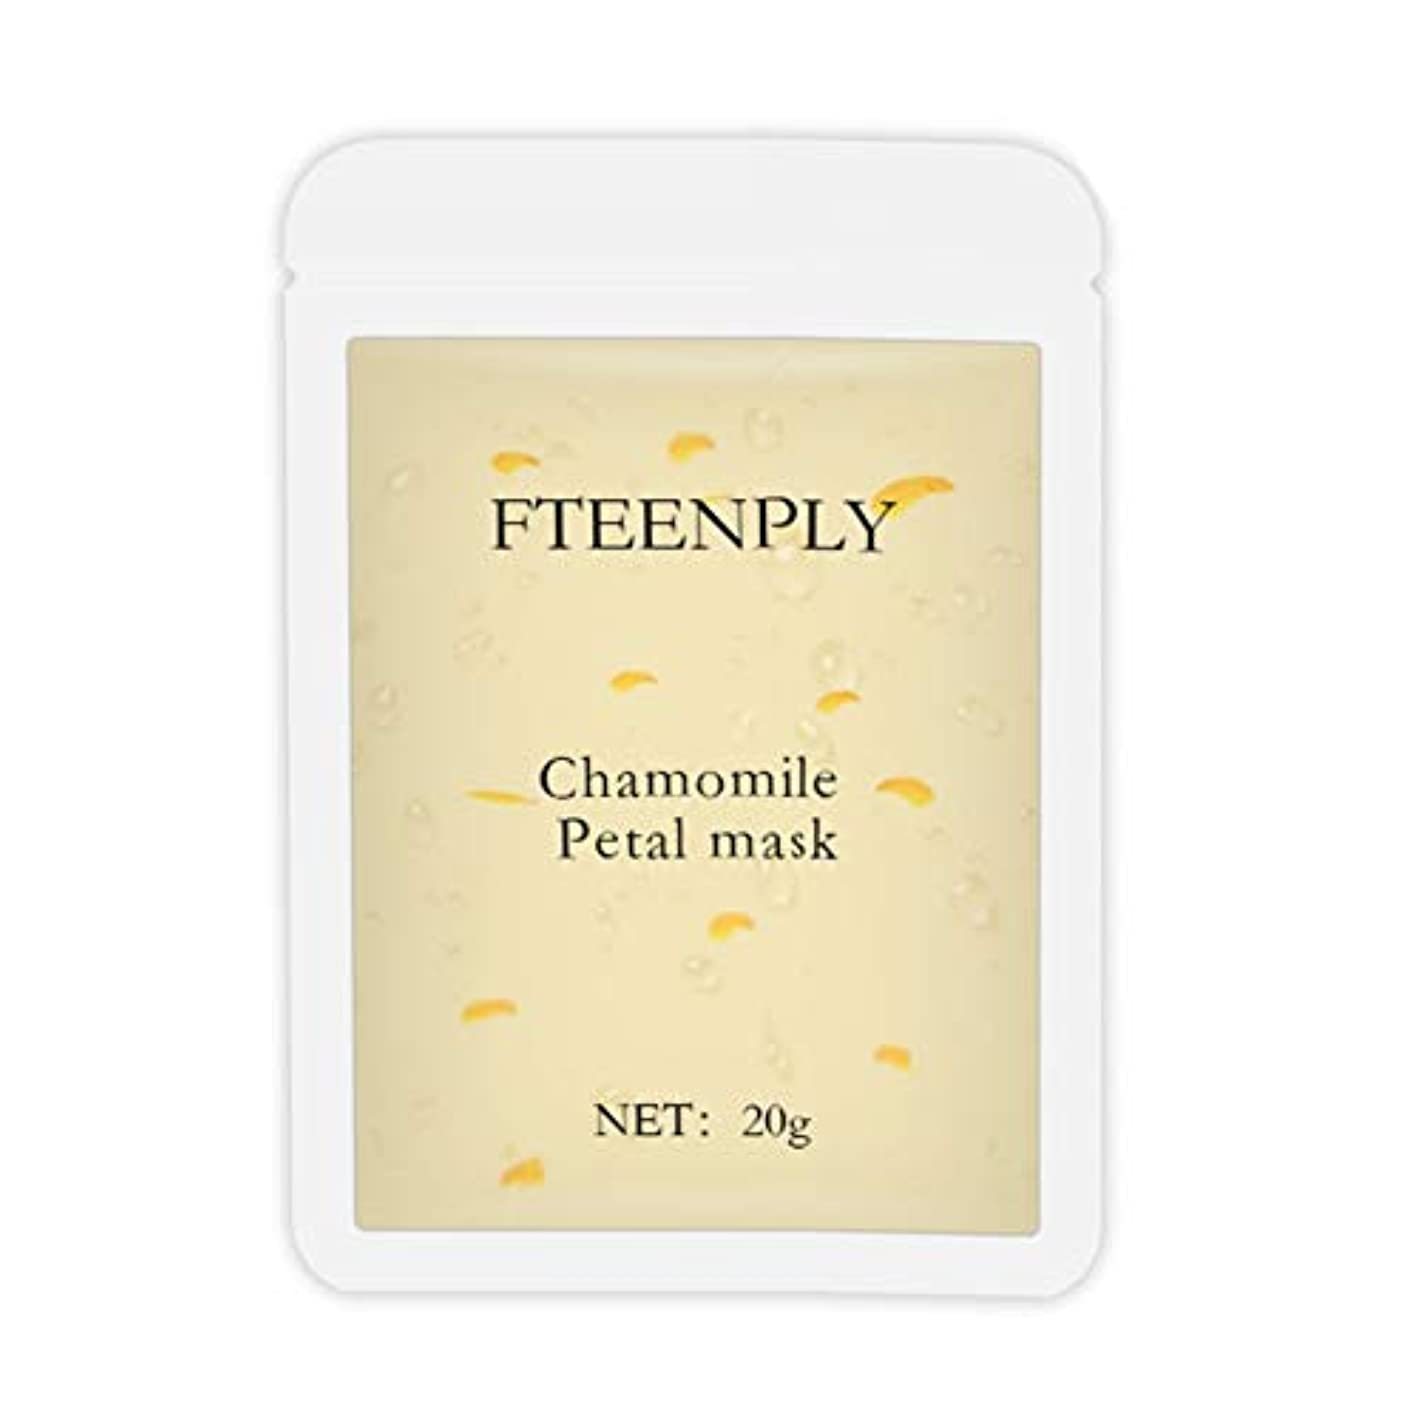 バー他の日三カモミール セラム スリーピングマスク フェイシャル スキンケア セラム モイスチャ 引き締め 毛穴隠す 穏やか 乾燥&エイジング防止 美白 Cutelove